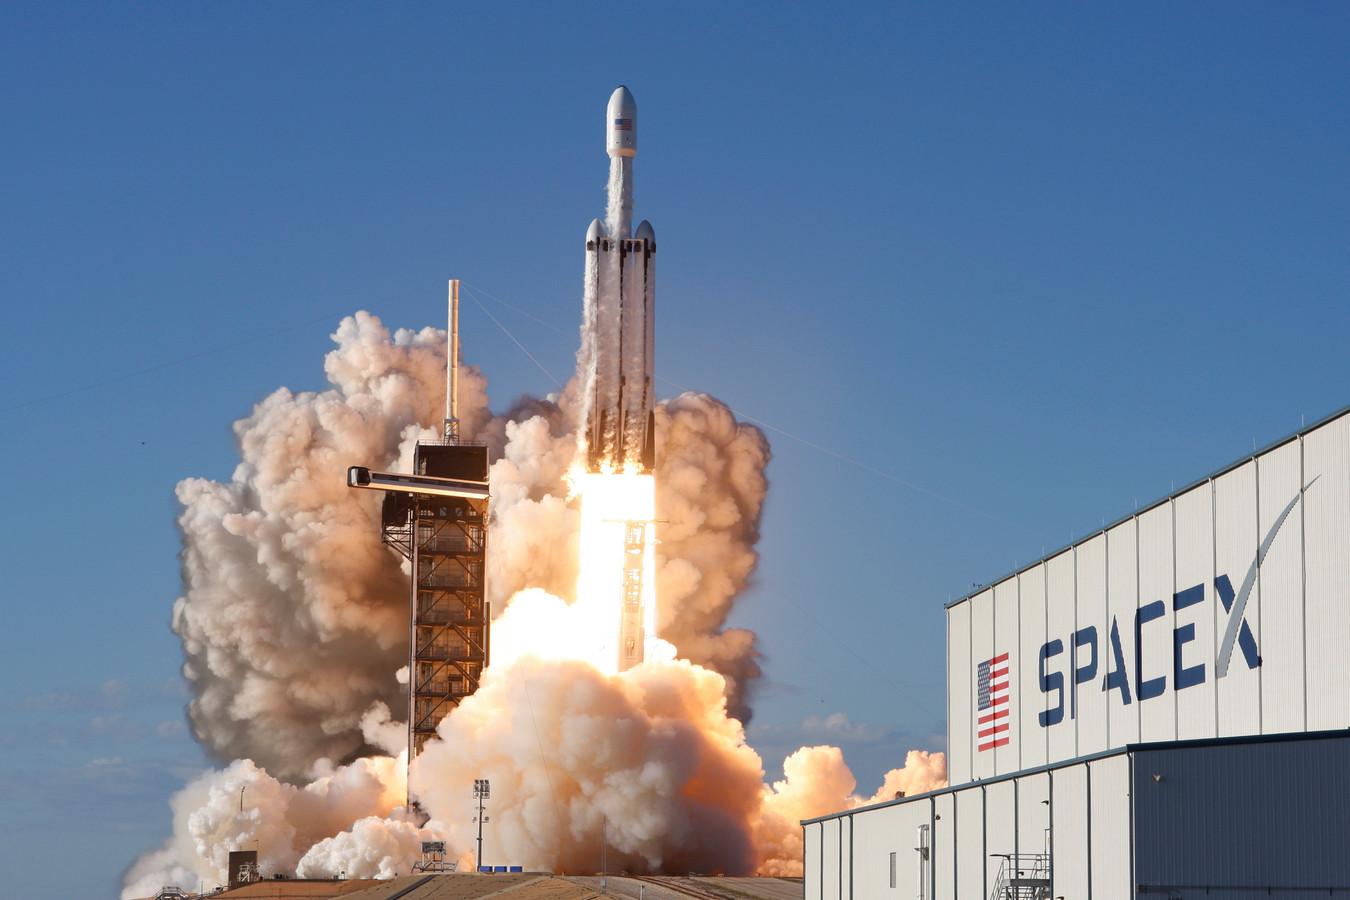 Een Falcon Heavy-raket van SpaceX stuwt een communicatiesatelliet de ruimte in.